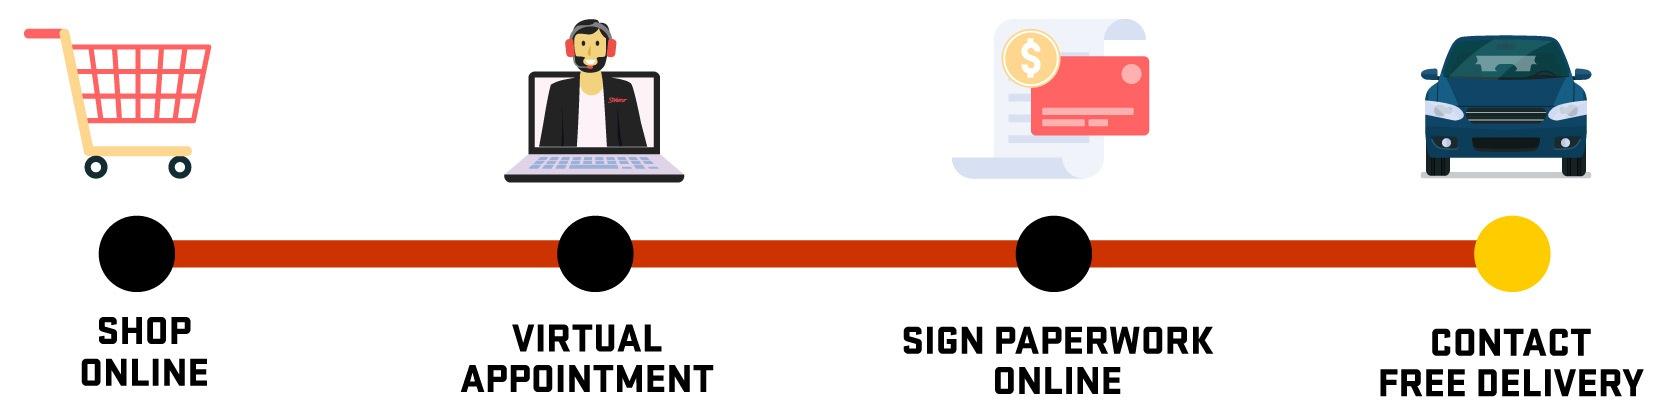 Buy-Online-Process